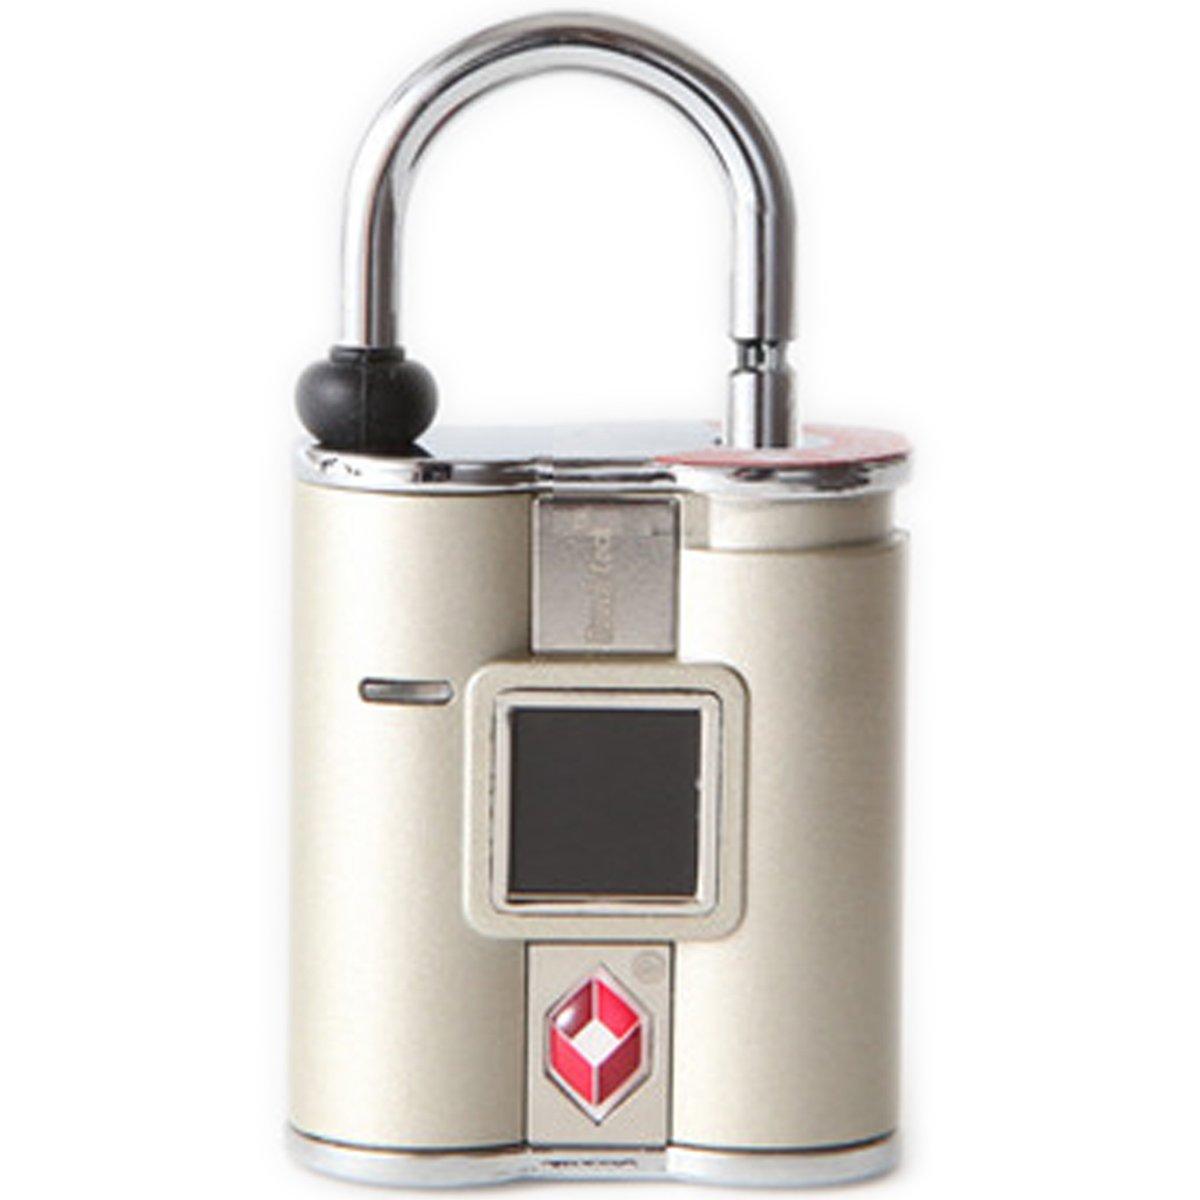 鍵の要らない指紋認証型スマート南京錠「TouchLock(タッチロック)」 TSA ゴールド TSAロック対応済み B077SYDHYB ゴールド ゴールド